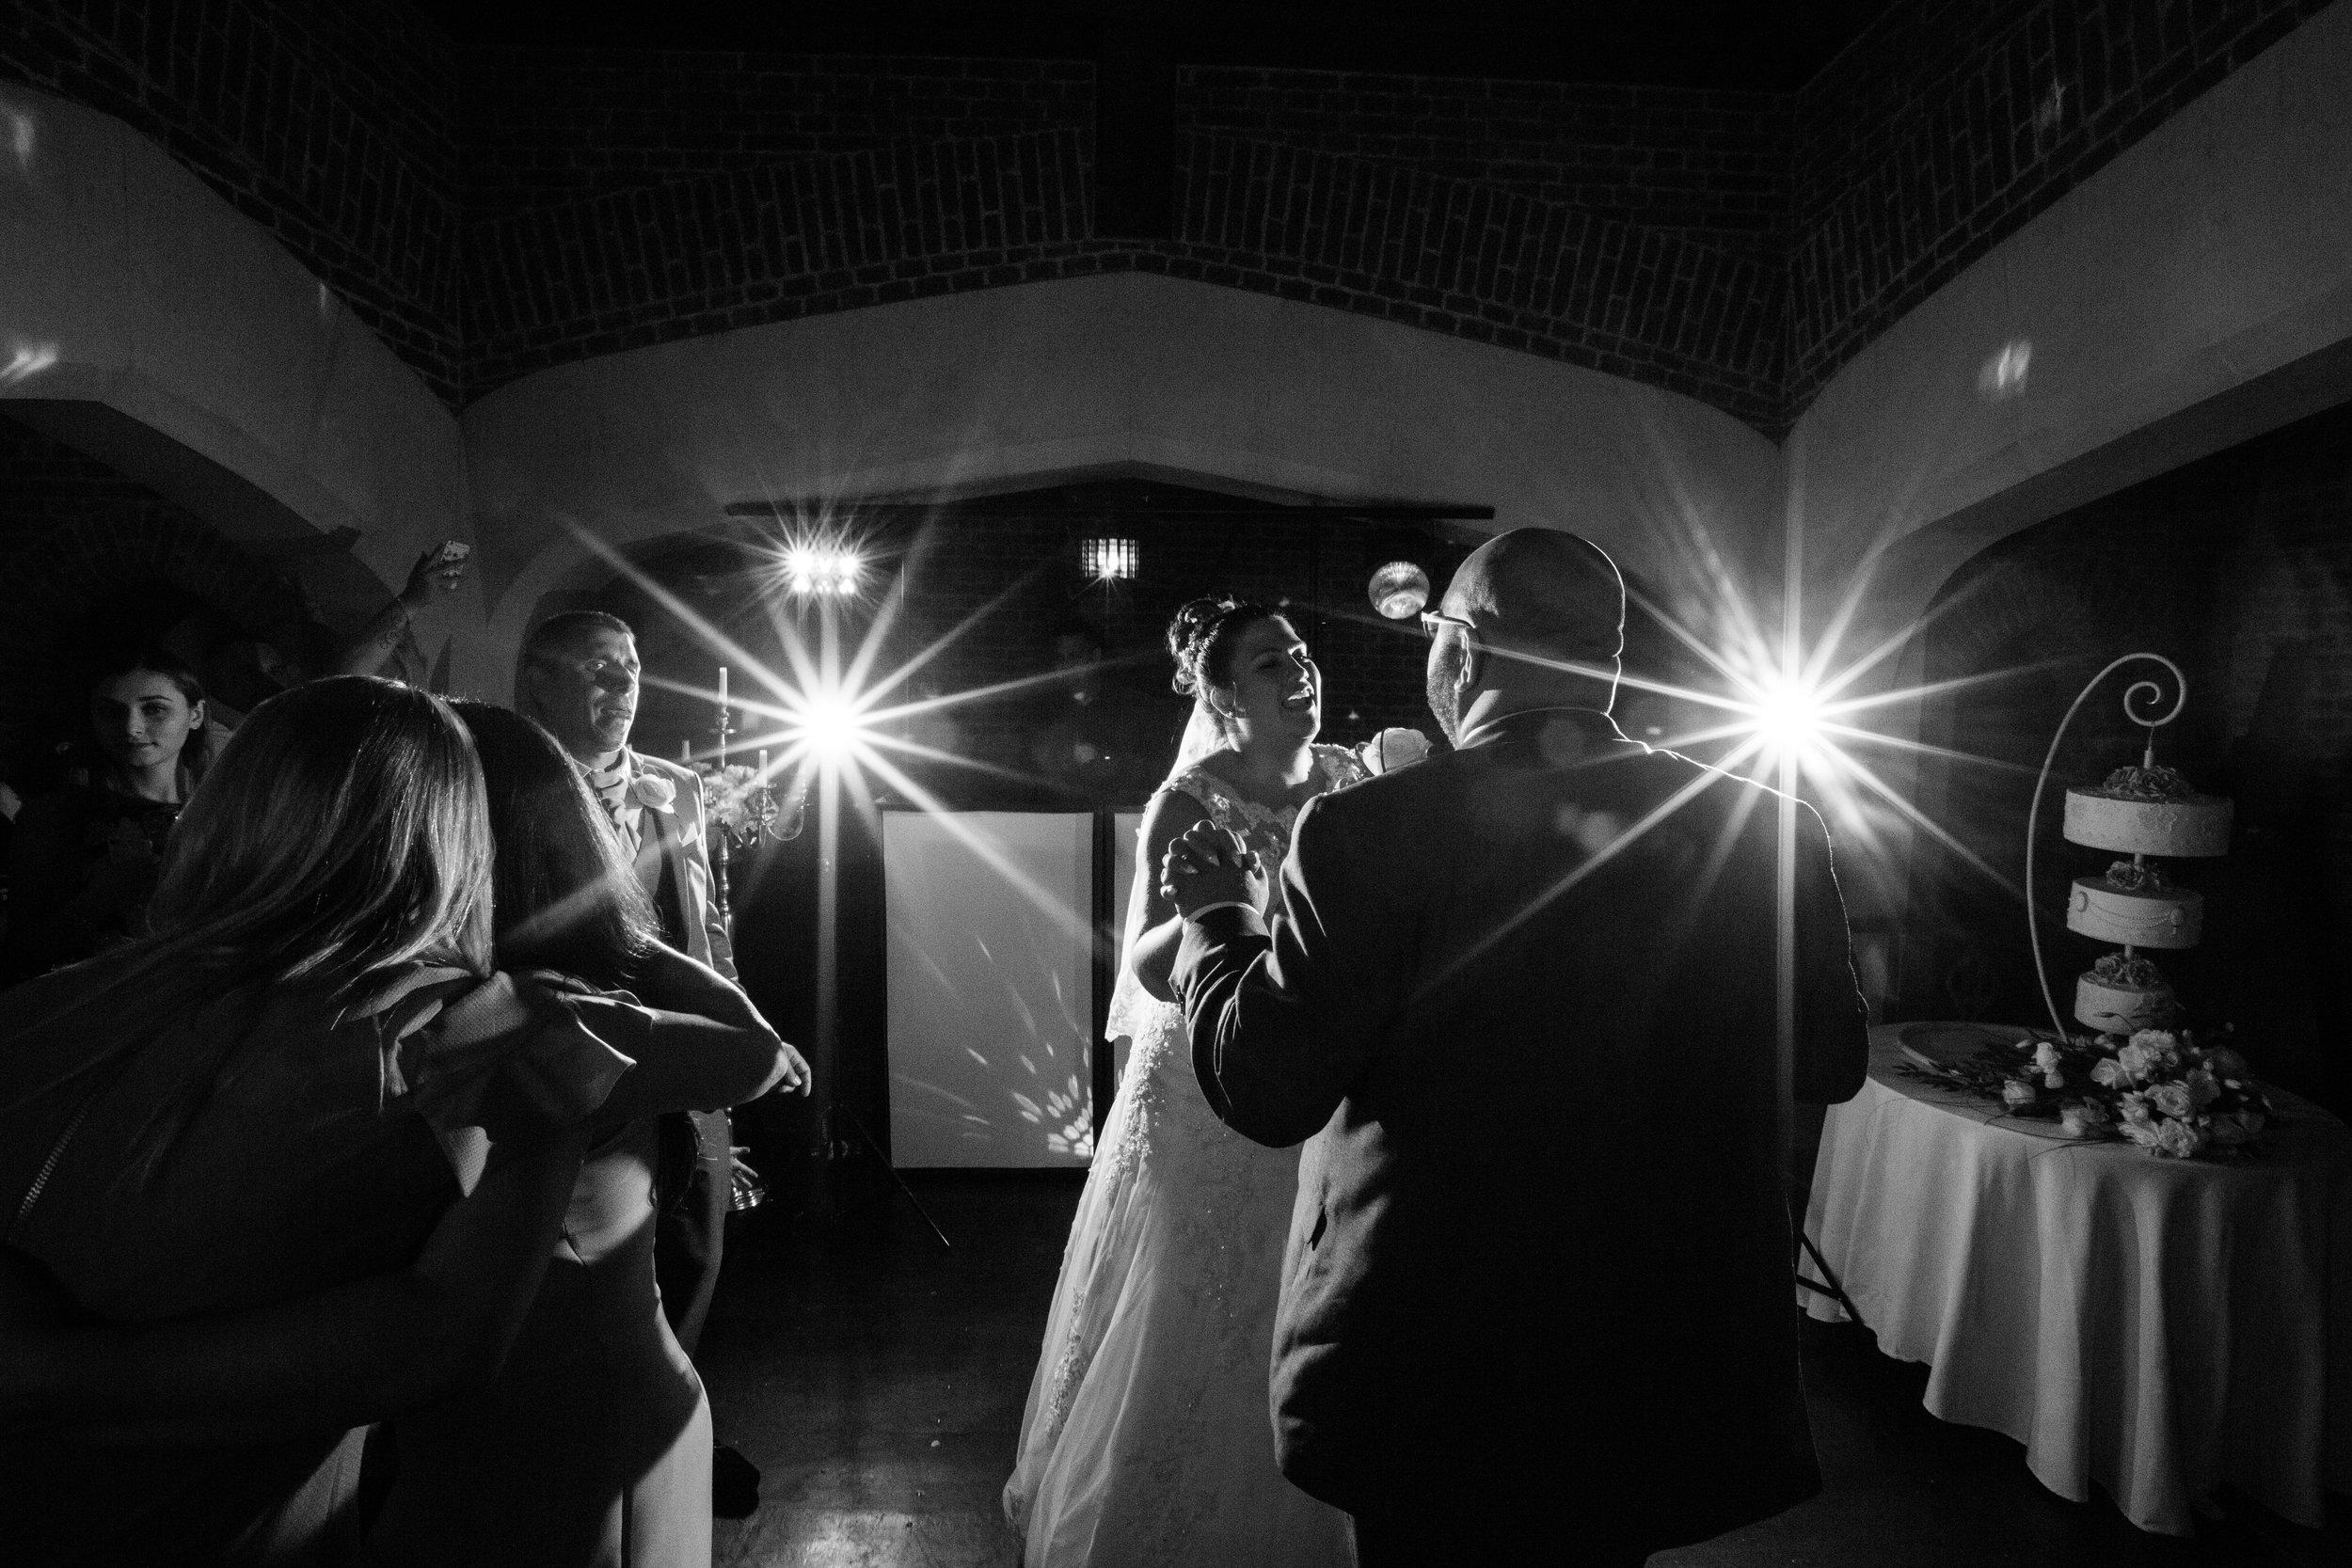 westenhangar-castle-kent-london-wedding-photography-first-dance-70